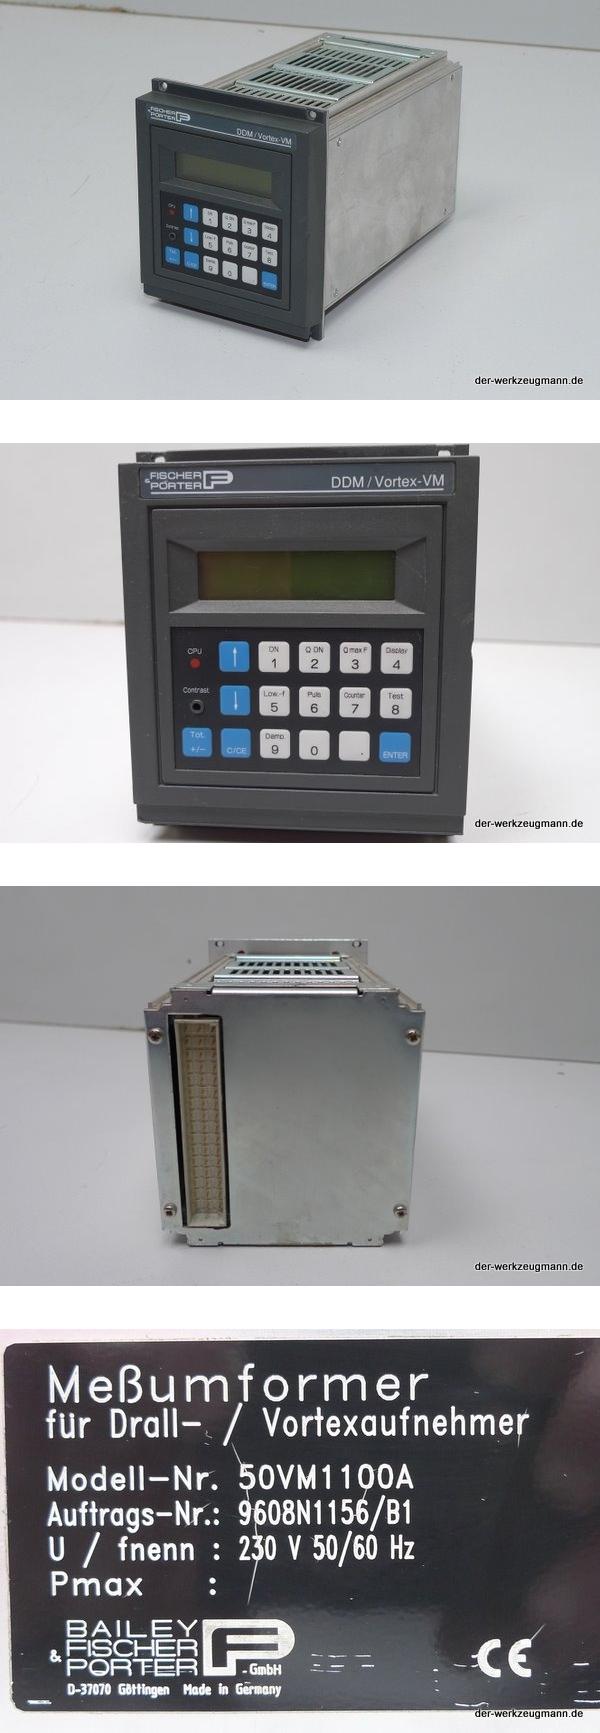 Bailey Fischer Porter DDM / Vortex-VM Meßumformer 50VM1100A